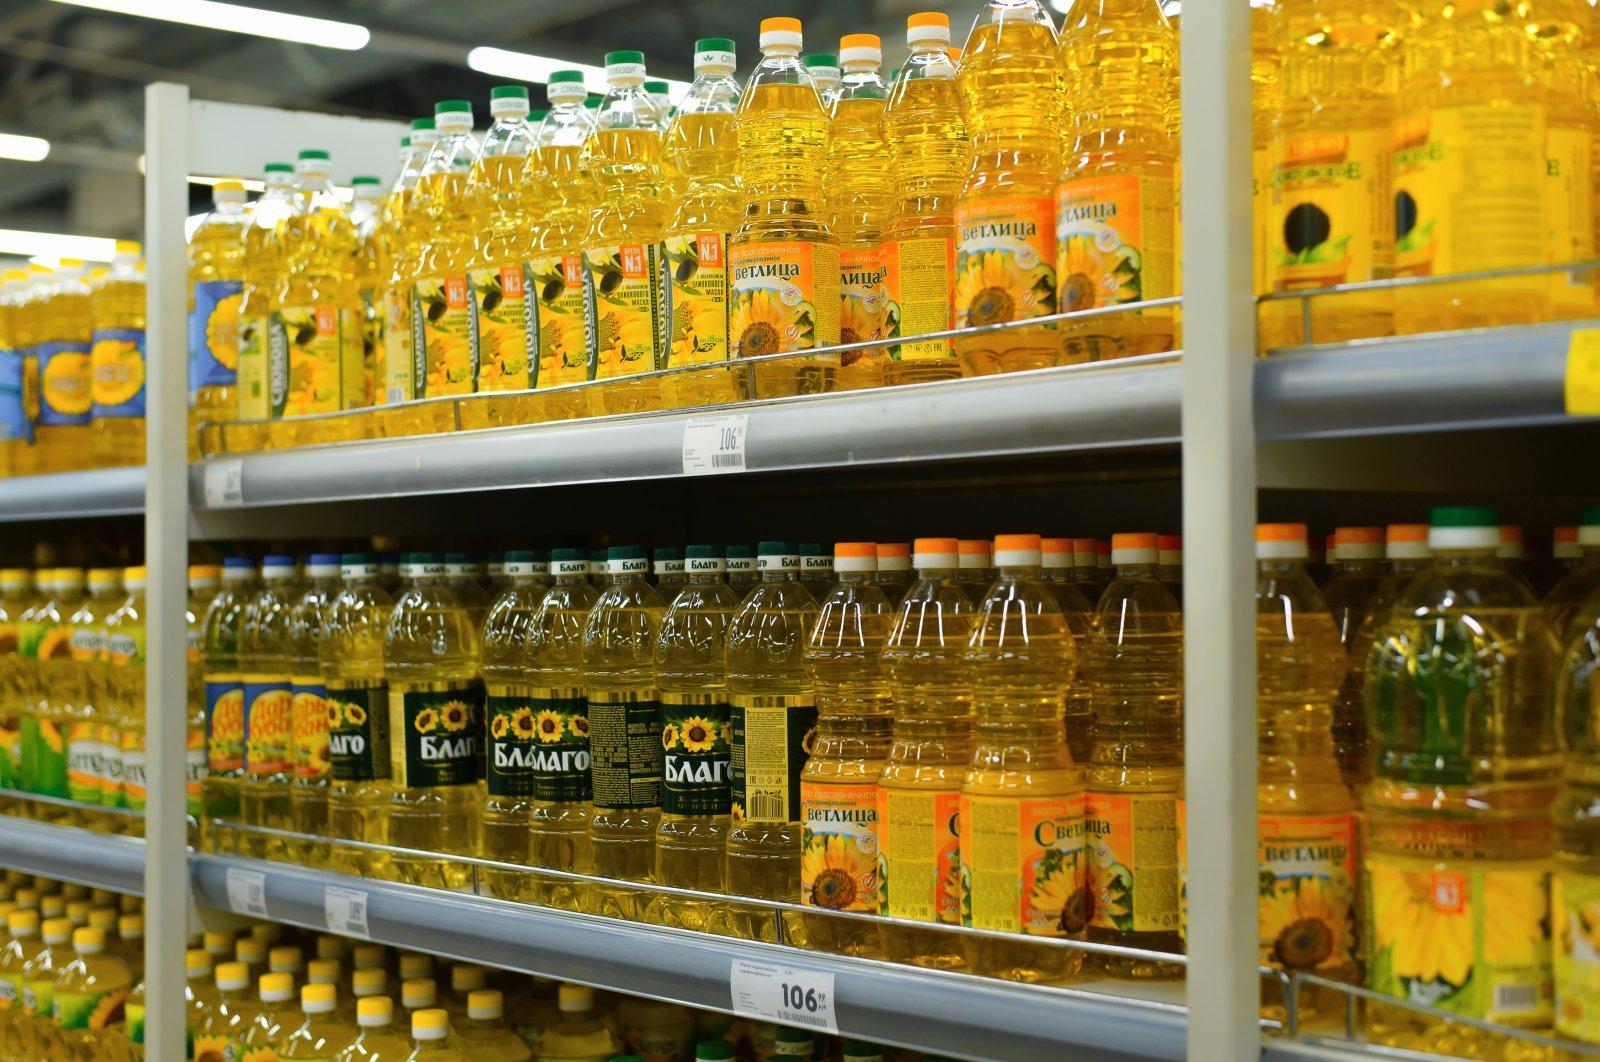 Bottles of sunflower oil seen in a supermarket in Smolensk, Russia, March 24, 2021. (Shutterstock Photo)